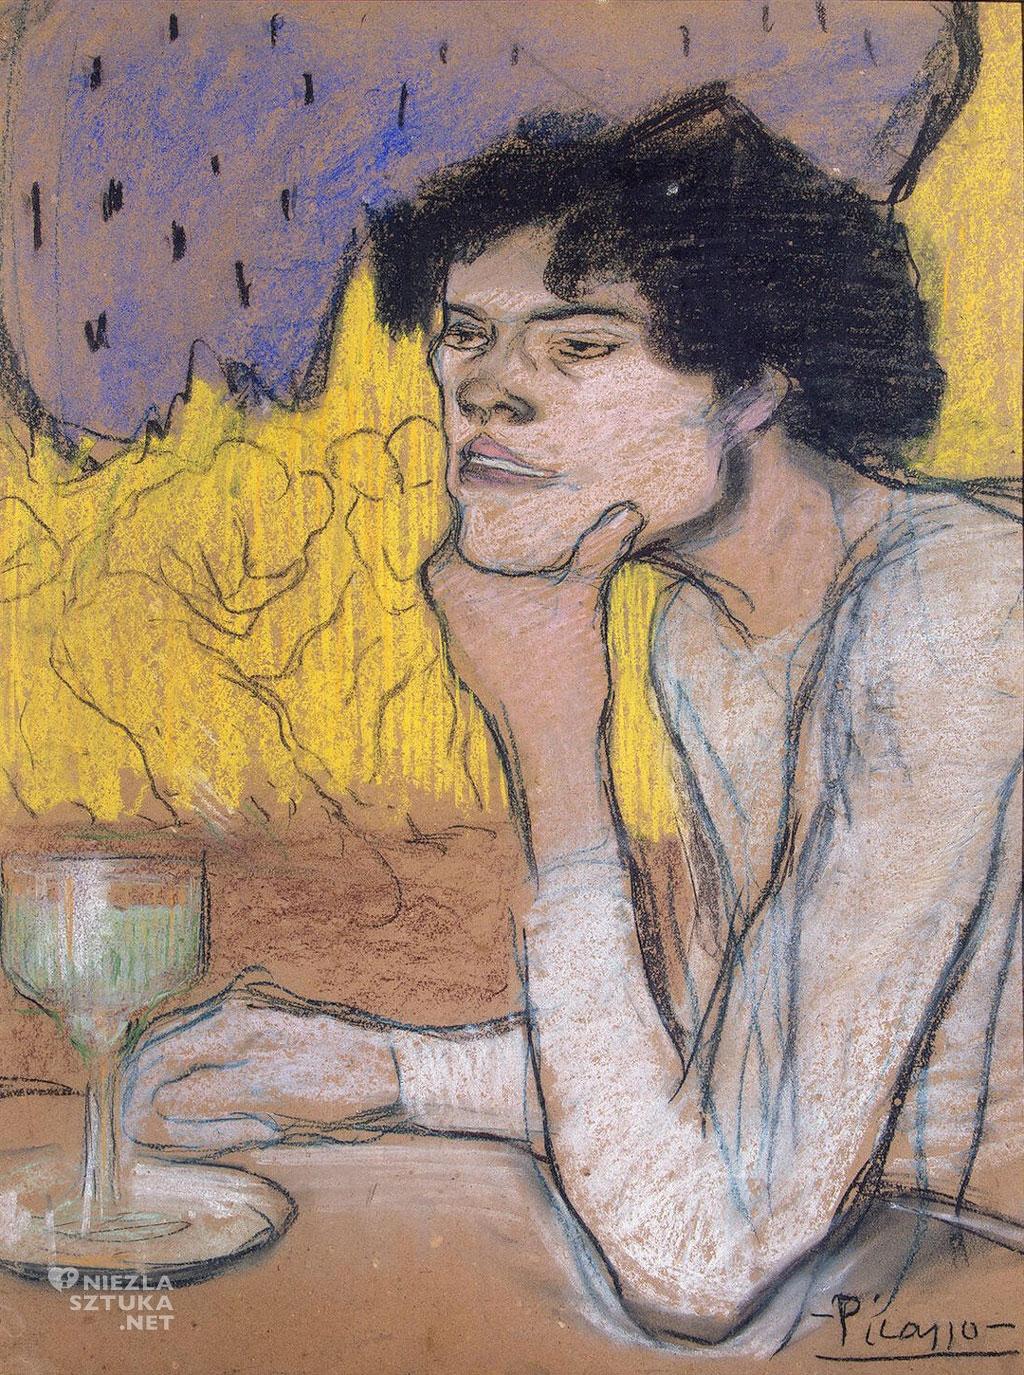 Pablo Picasso, Absynt, Dziewczyna w kawiarni, alkohol, bohema, Niezła Sztuka